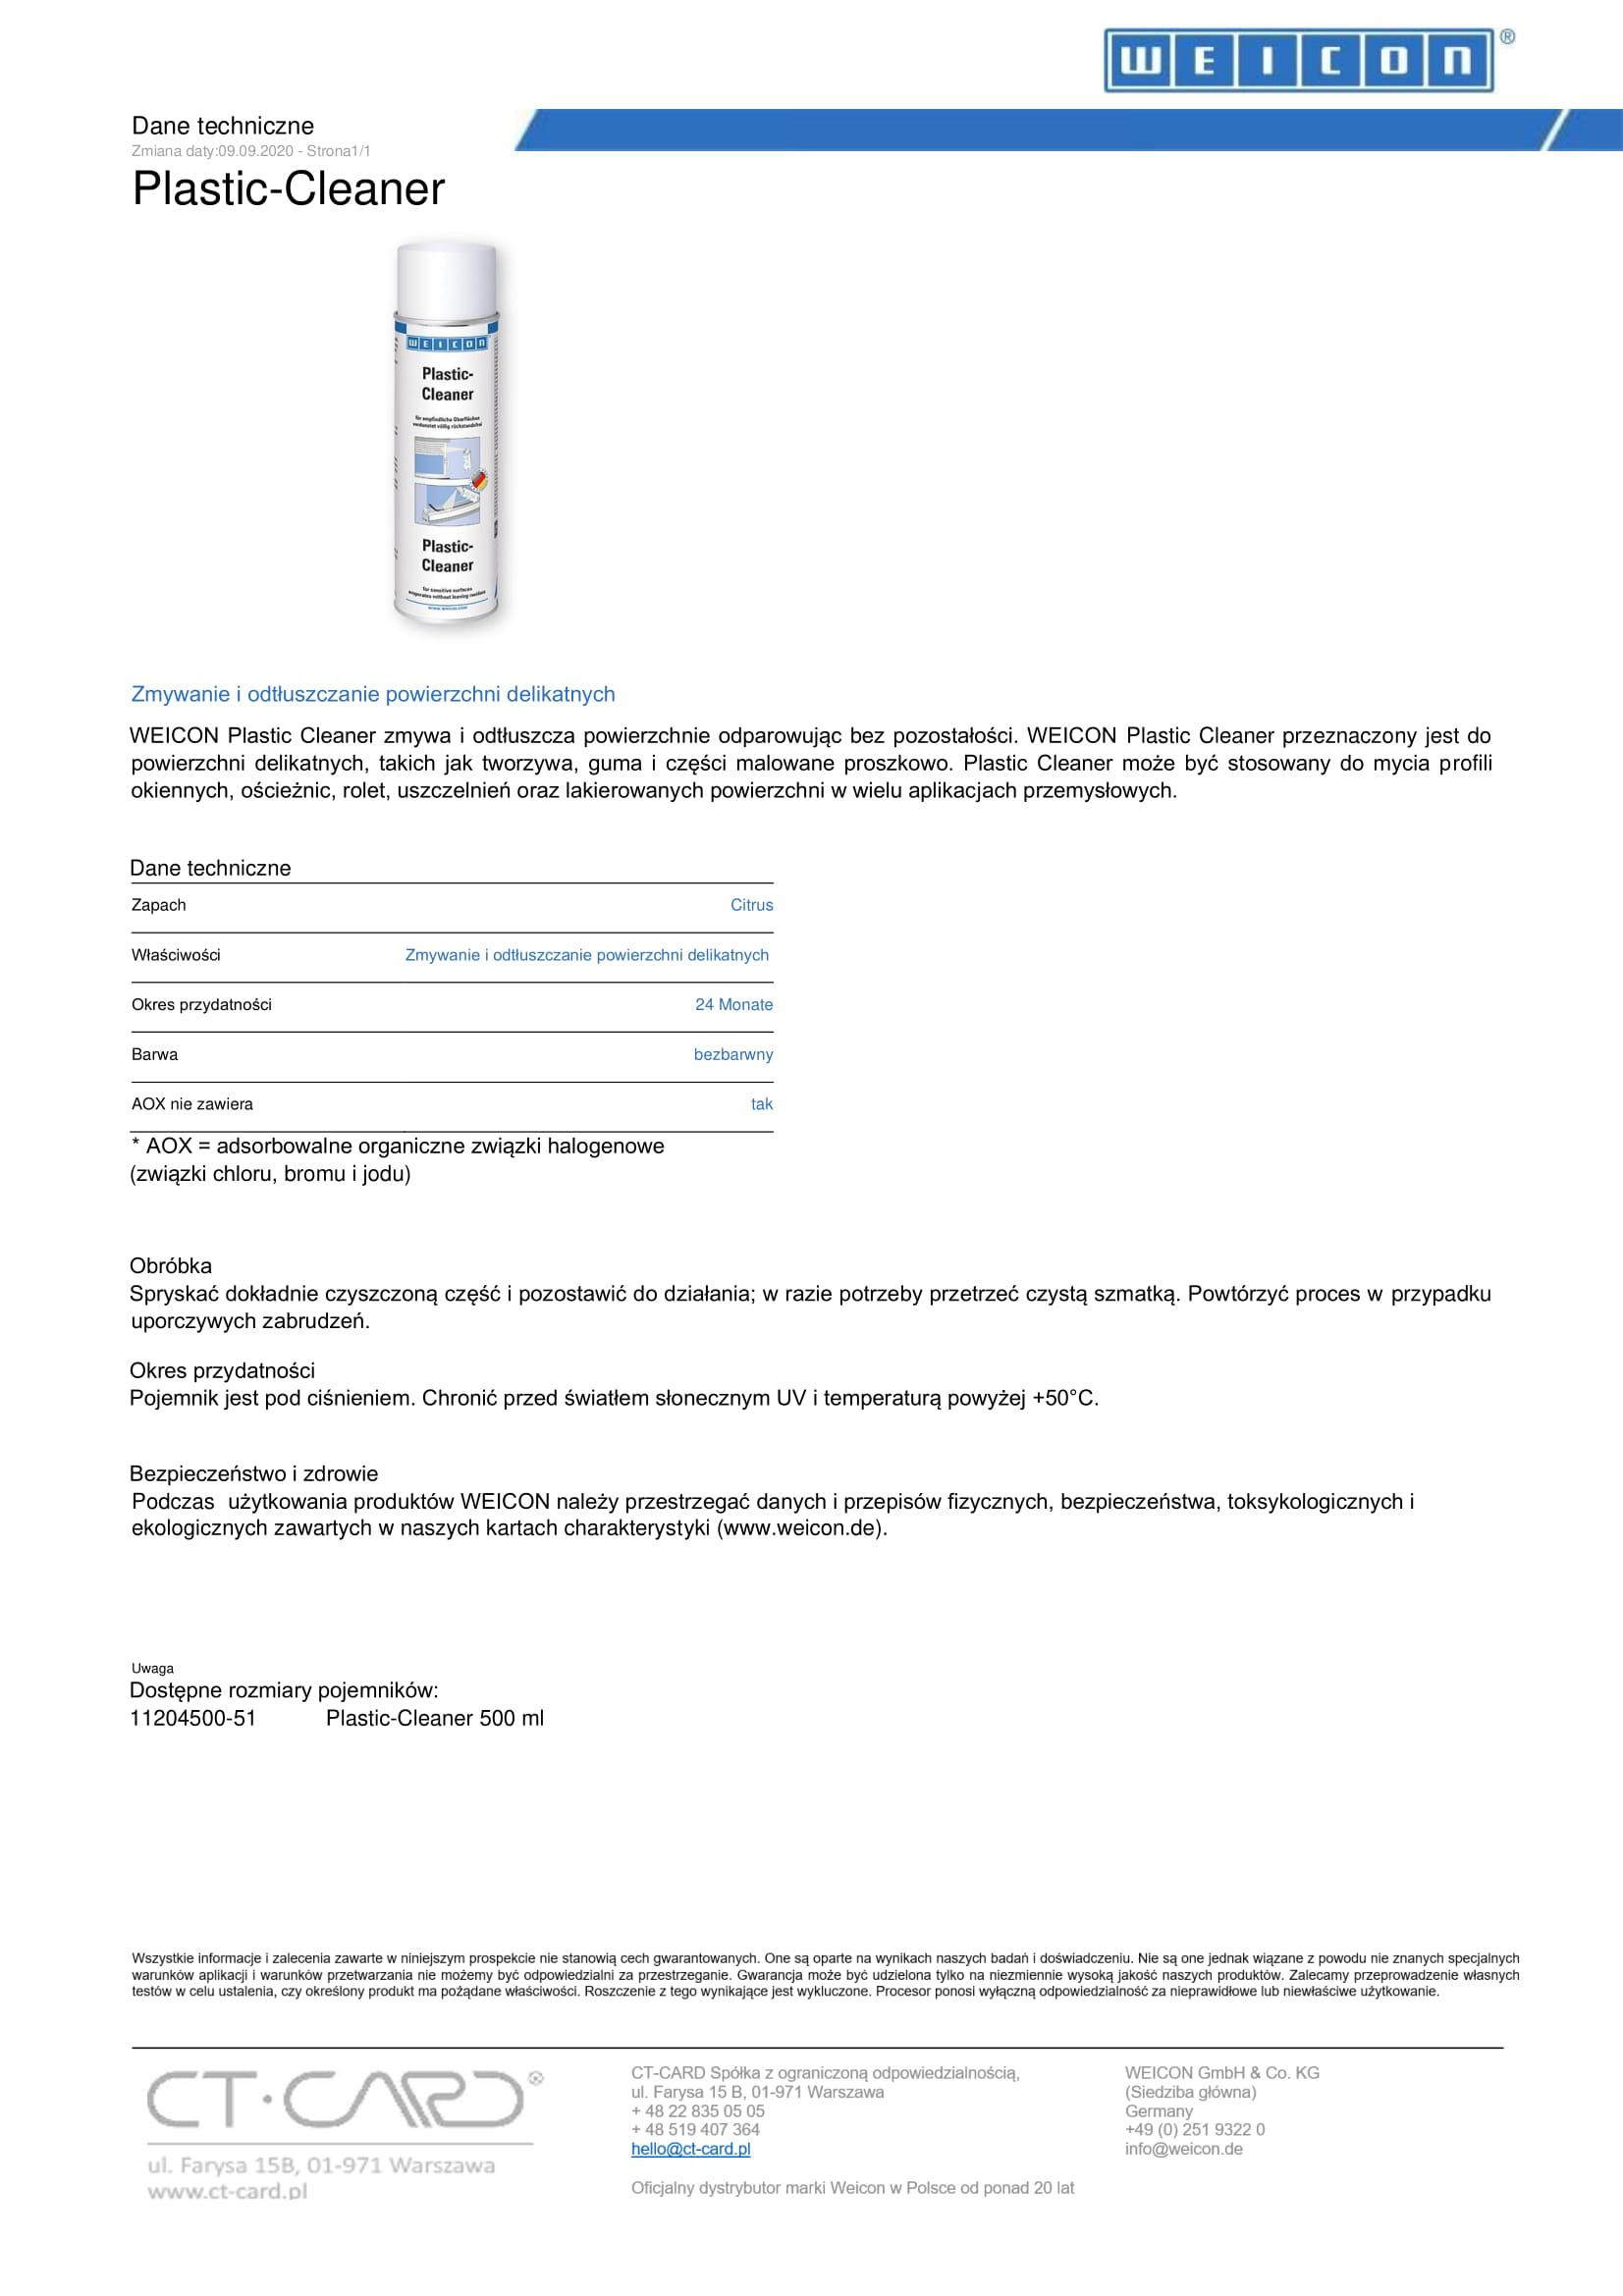 TDS_11204500_PL_Plastic-Cleaner-1